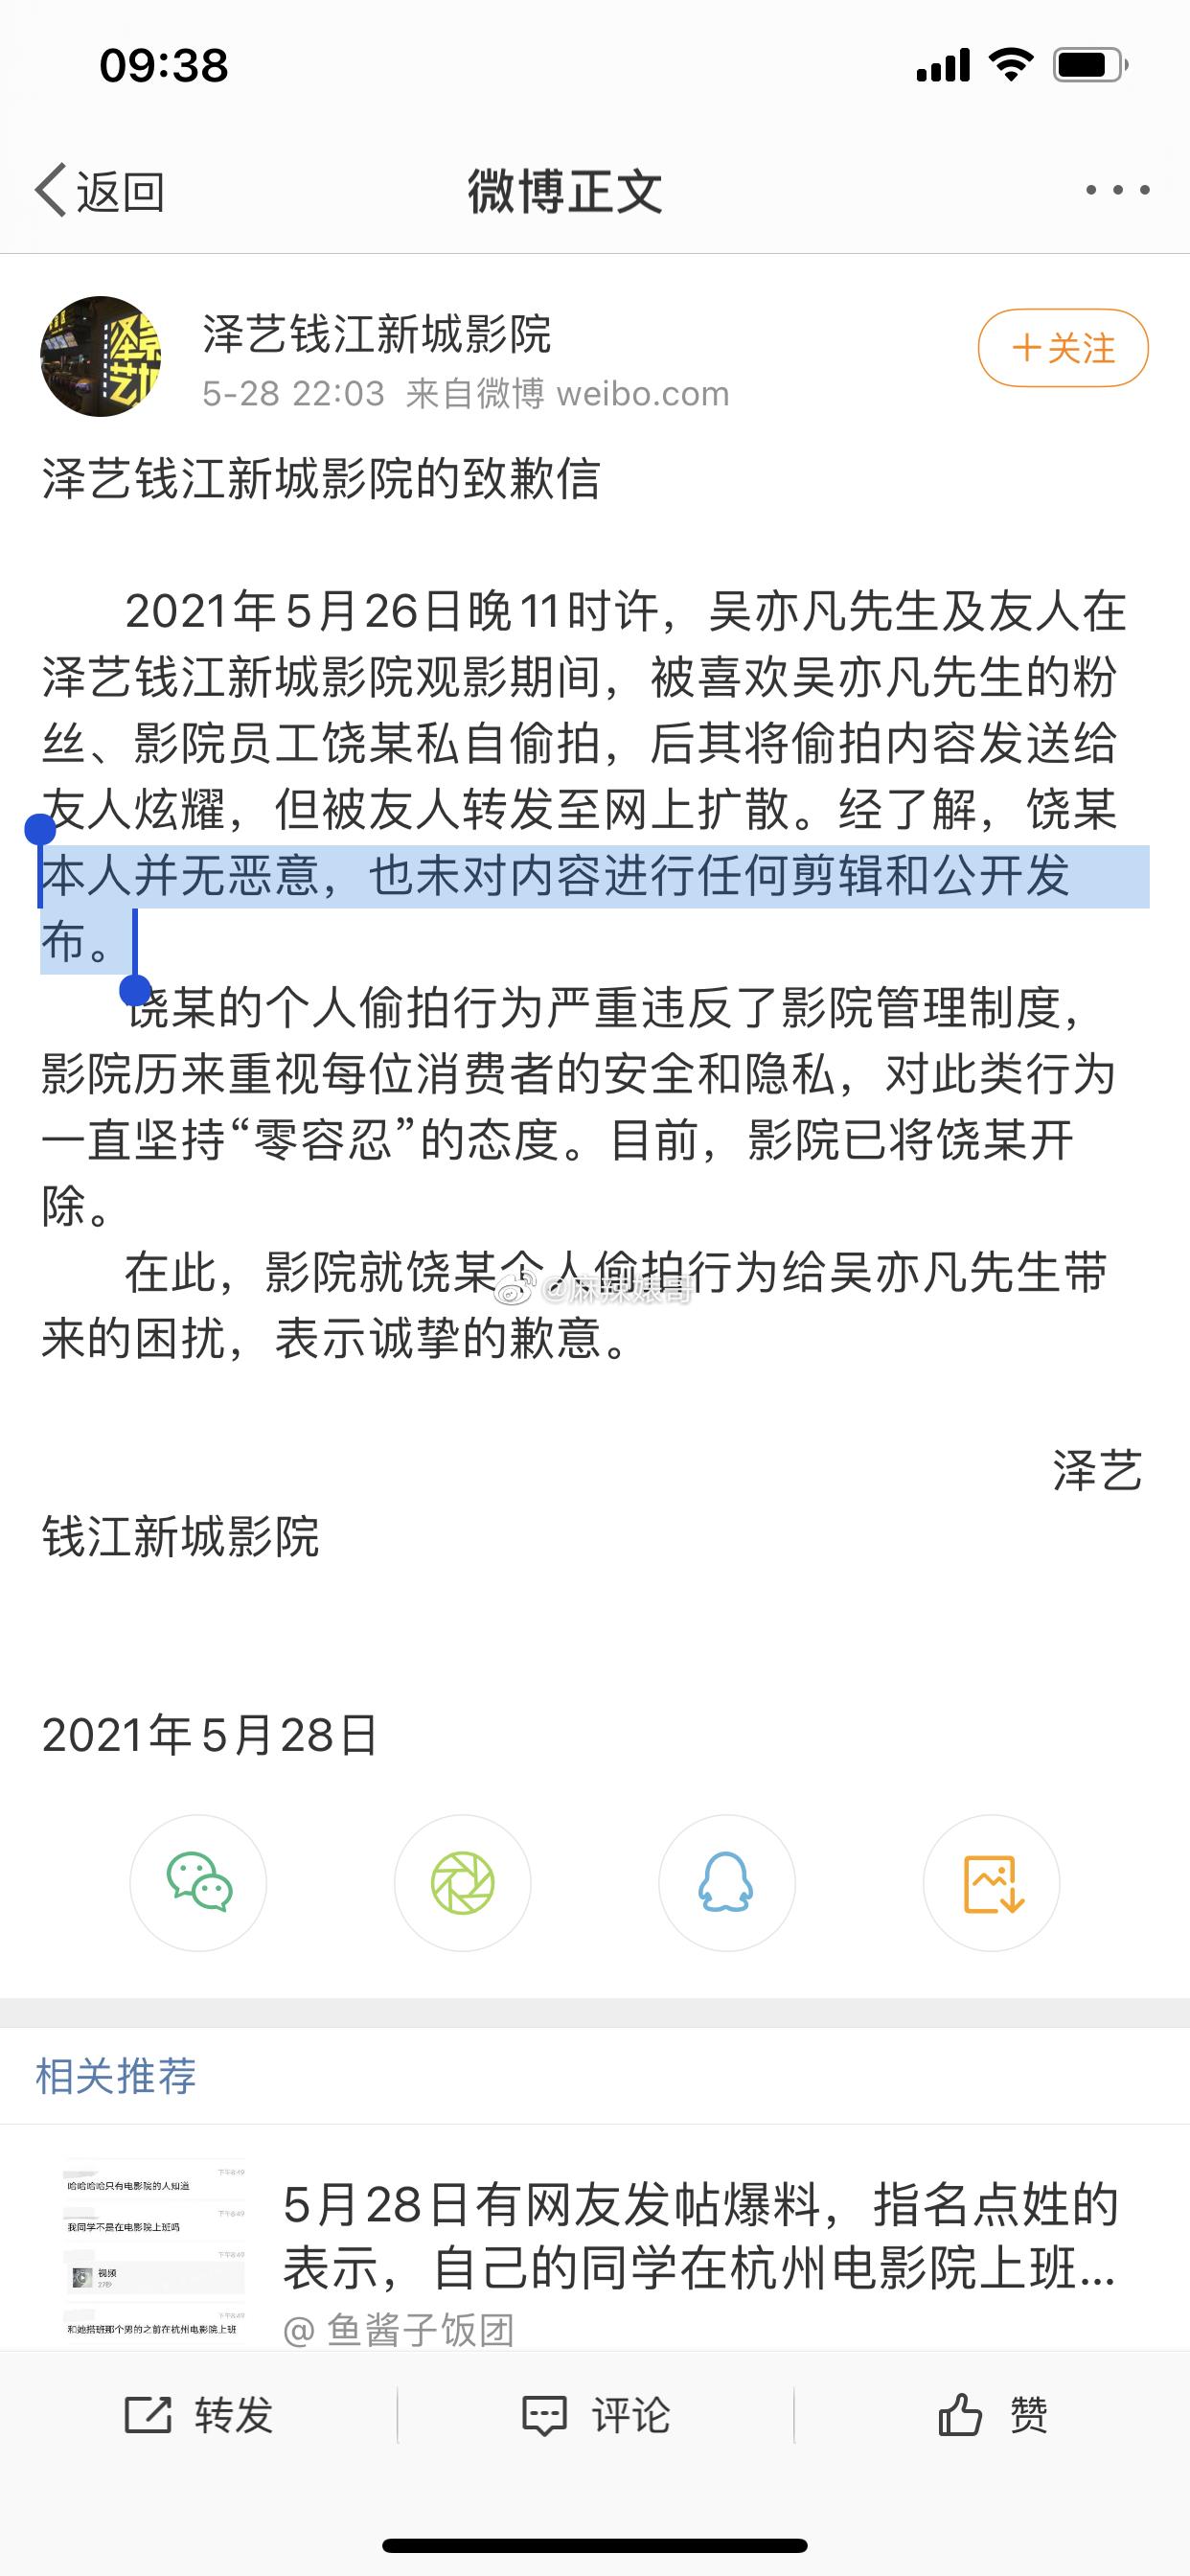 吴亦凡方发律师声明 这个反转太有意思了